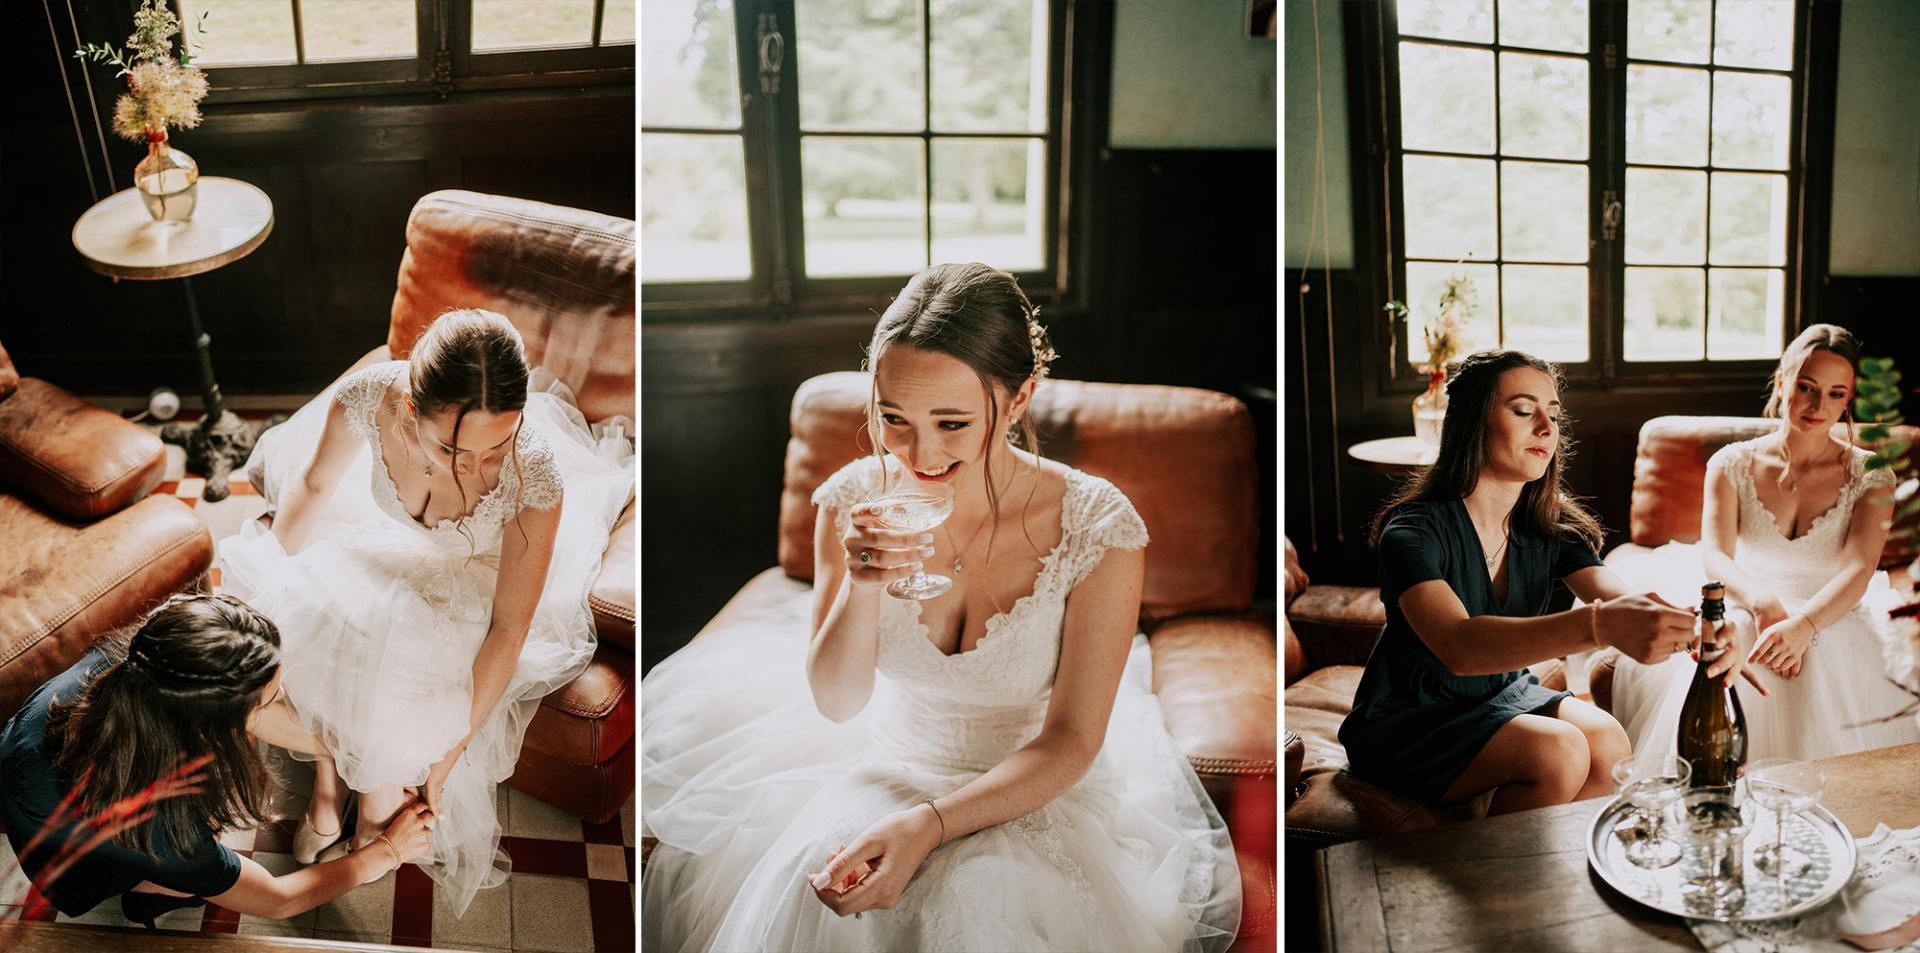 6 photographe landes dax mariage allison micallef